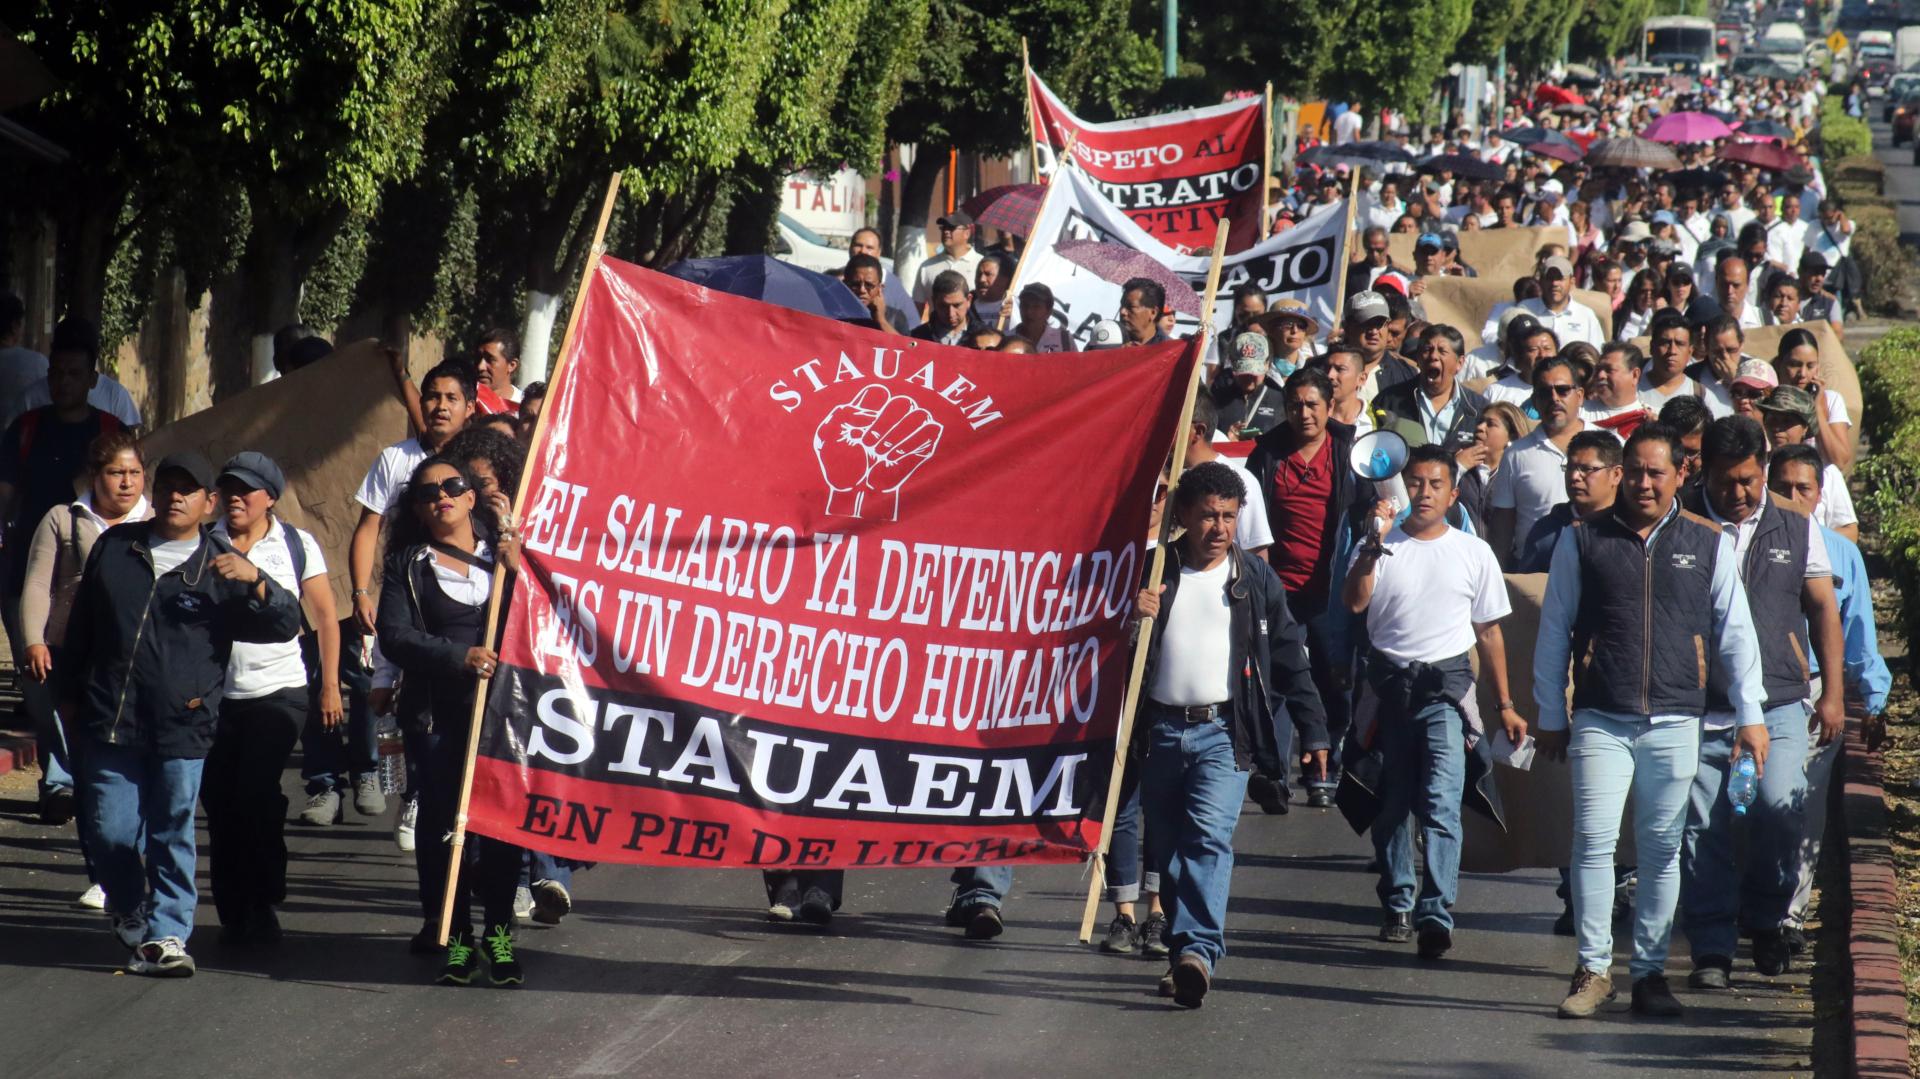 Marcha del Sindicato de Trabajadores Administrativos de la Universidad Autónoma del Estado de Morelos (Foto: Cuartoscuro)